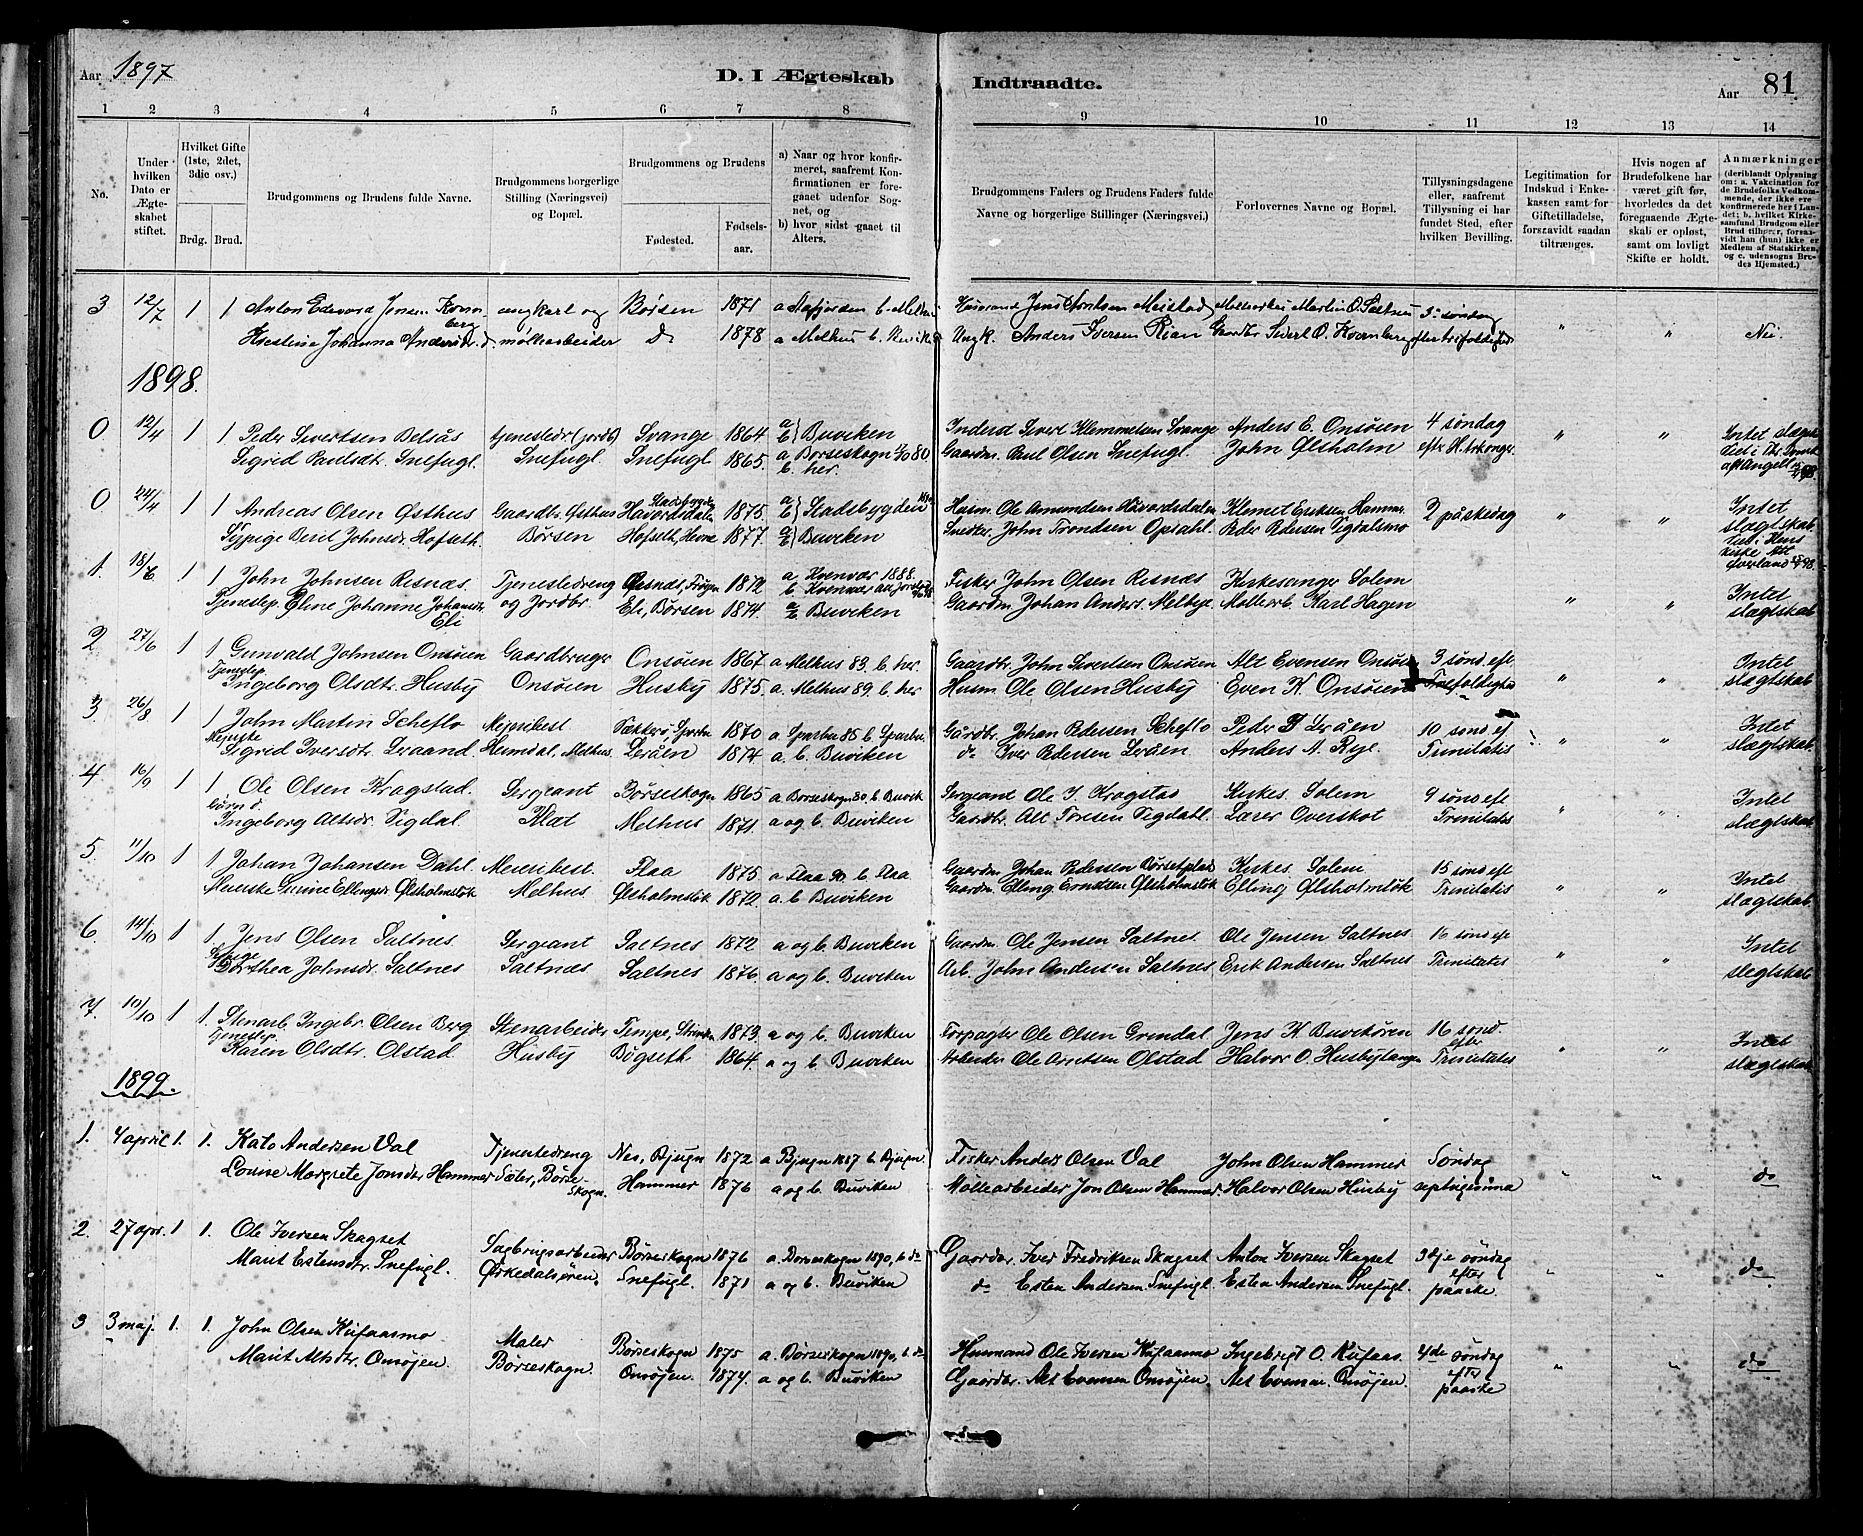 SAT, Ministerialprotokoller, klokkerbøker og fødselsregistre - Sør-Trøndelag, 666/L0790: Klokkerbok nr. 666C03, 1885-1908, s. 81